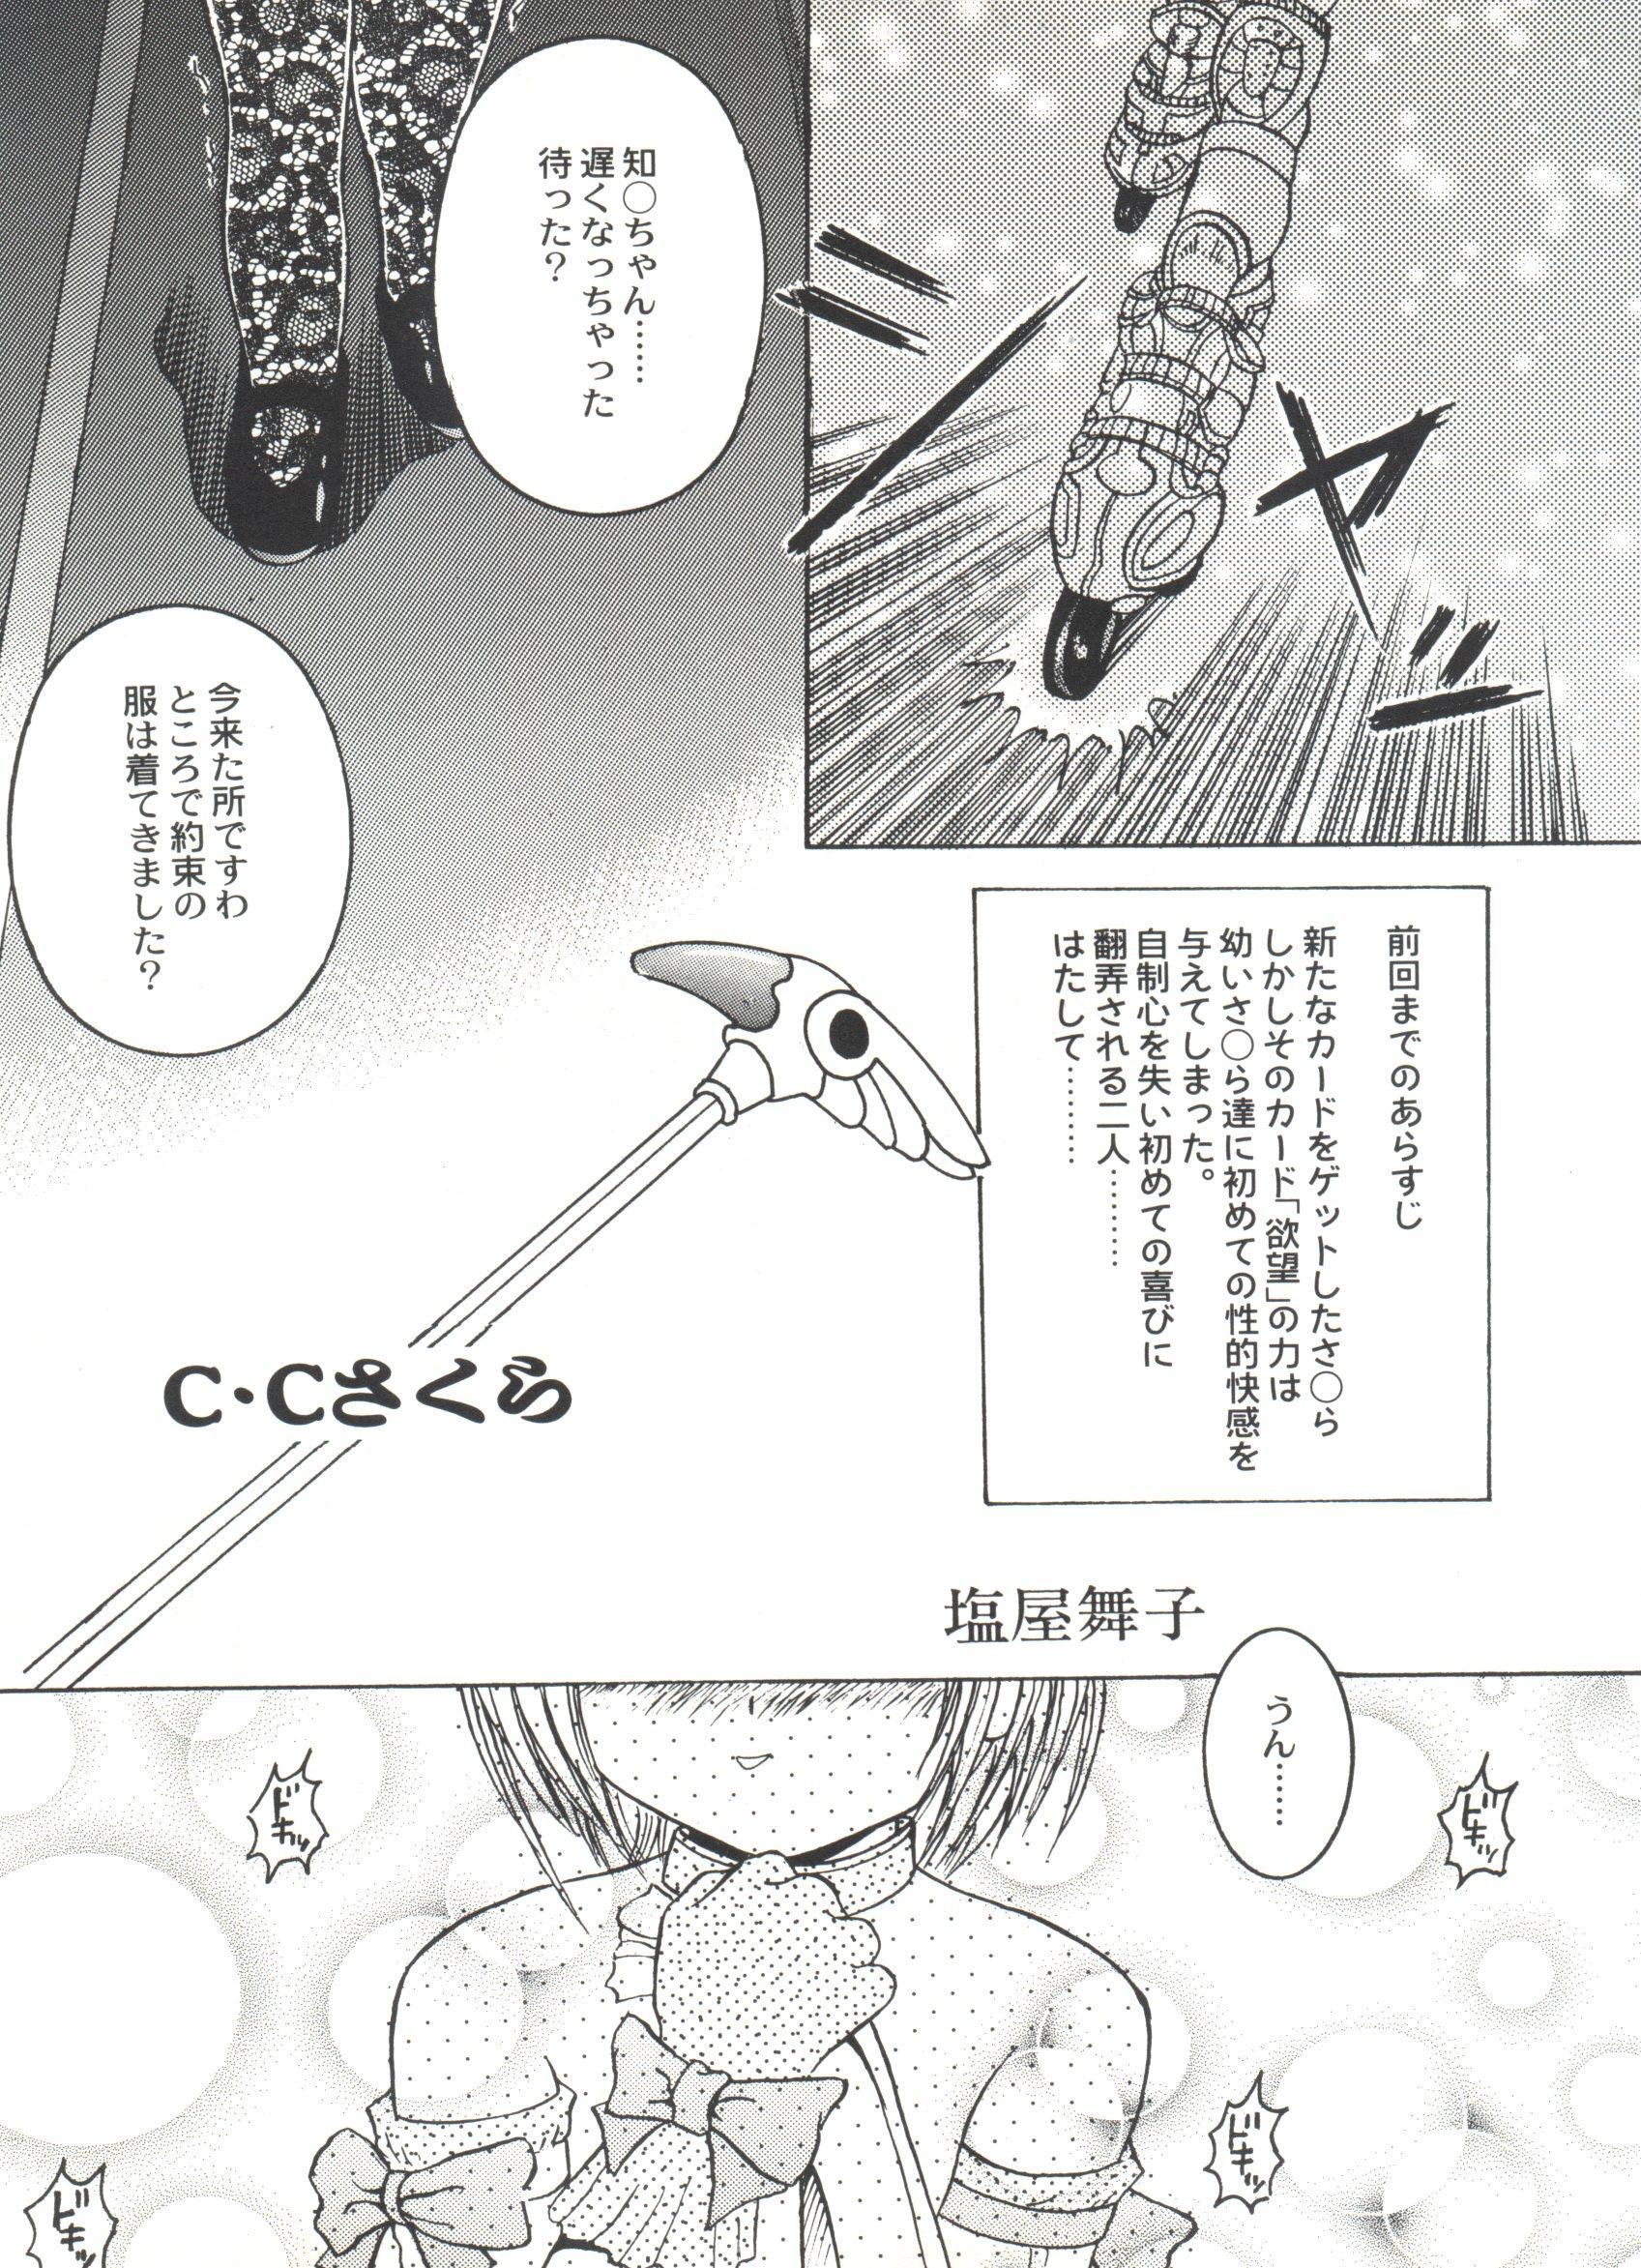 Bishoujo Doujinshi Anthology Cute 5 109